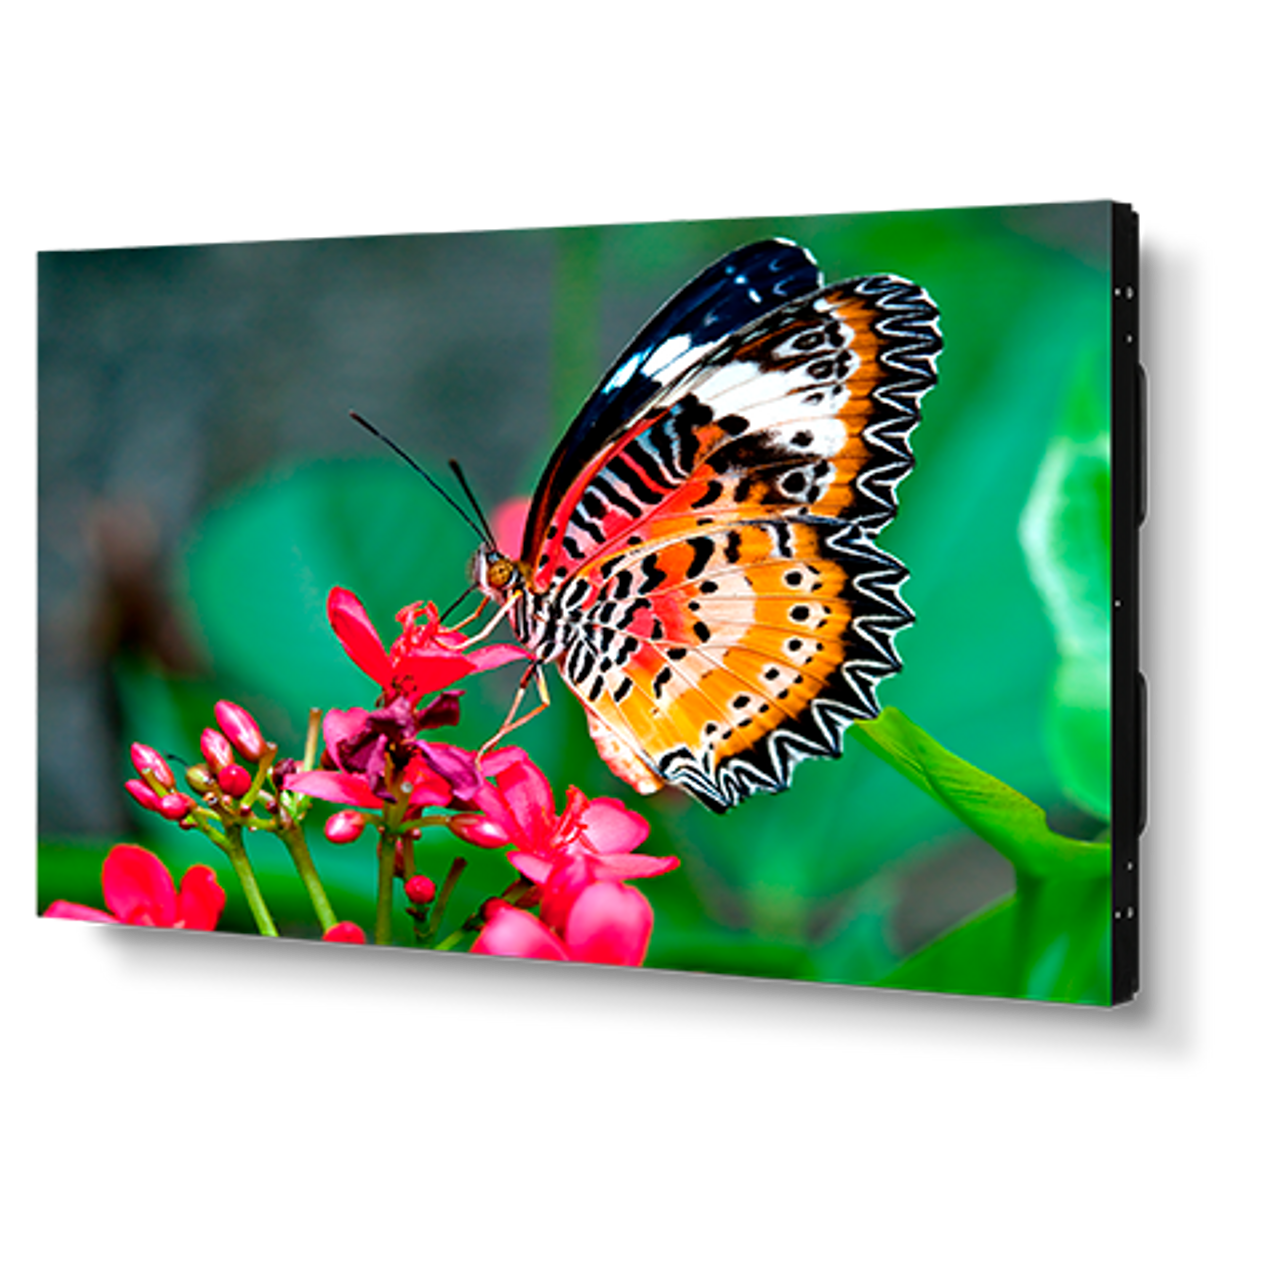 """NEC UN492S 49"""" Full HD Ultra Narrow Bezel 24/7 Video Wall Display"""